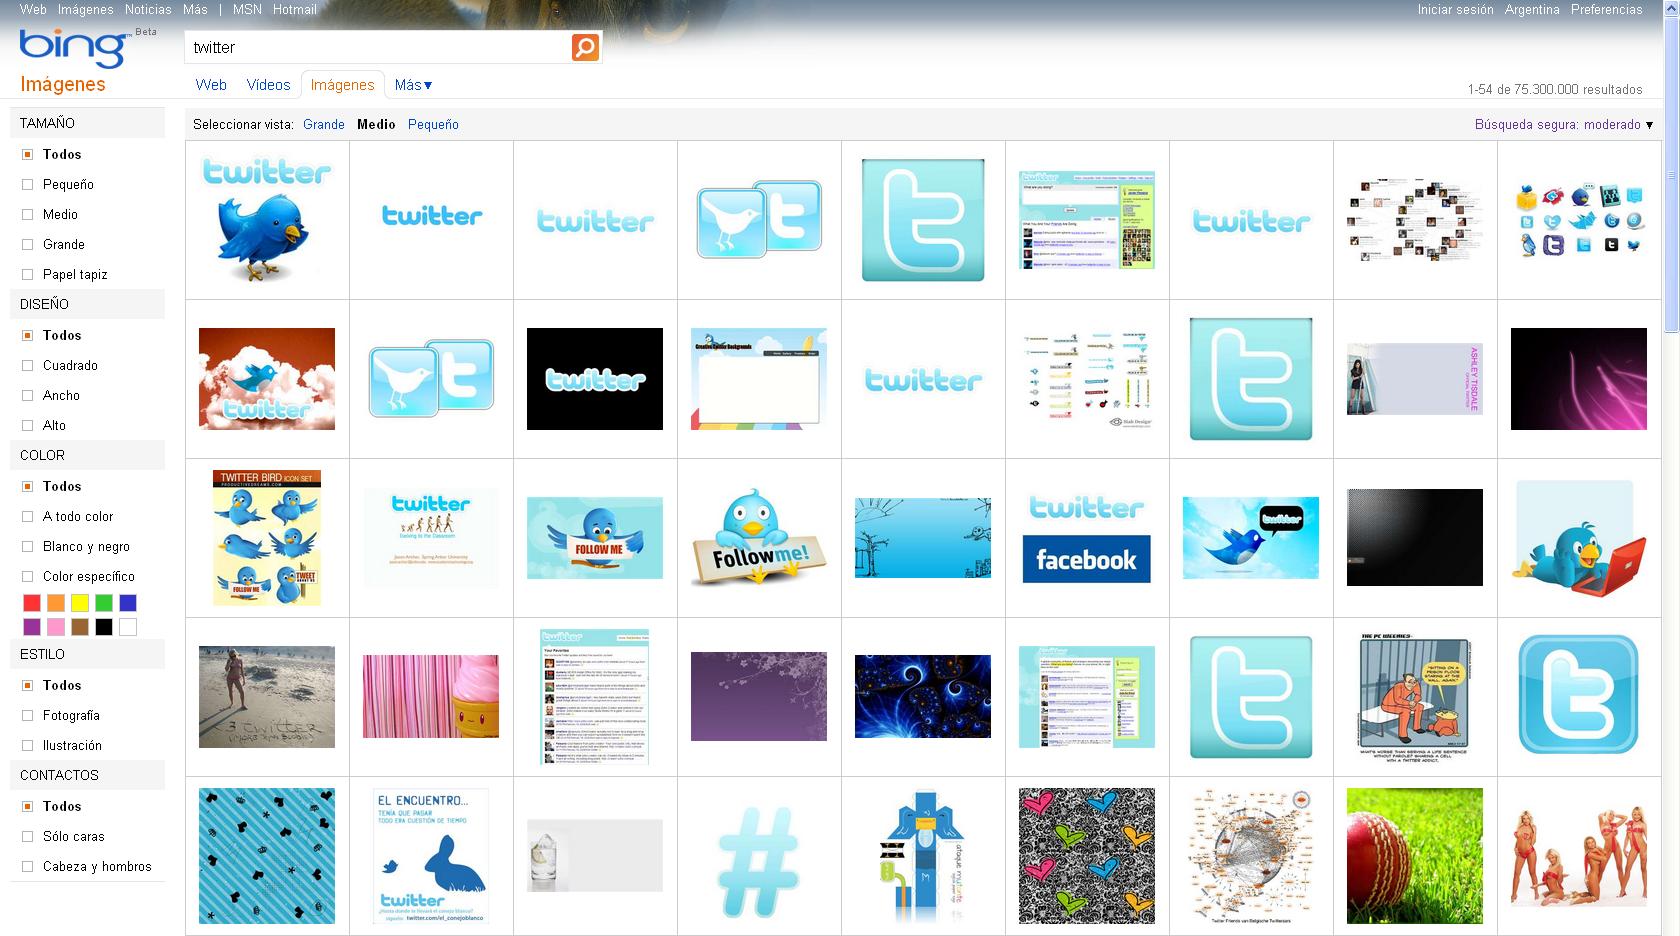 Captura de pantalla de Bing Imágenes